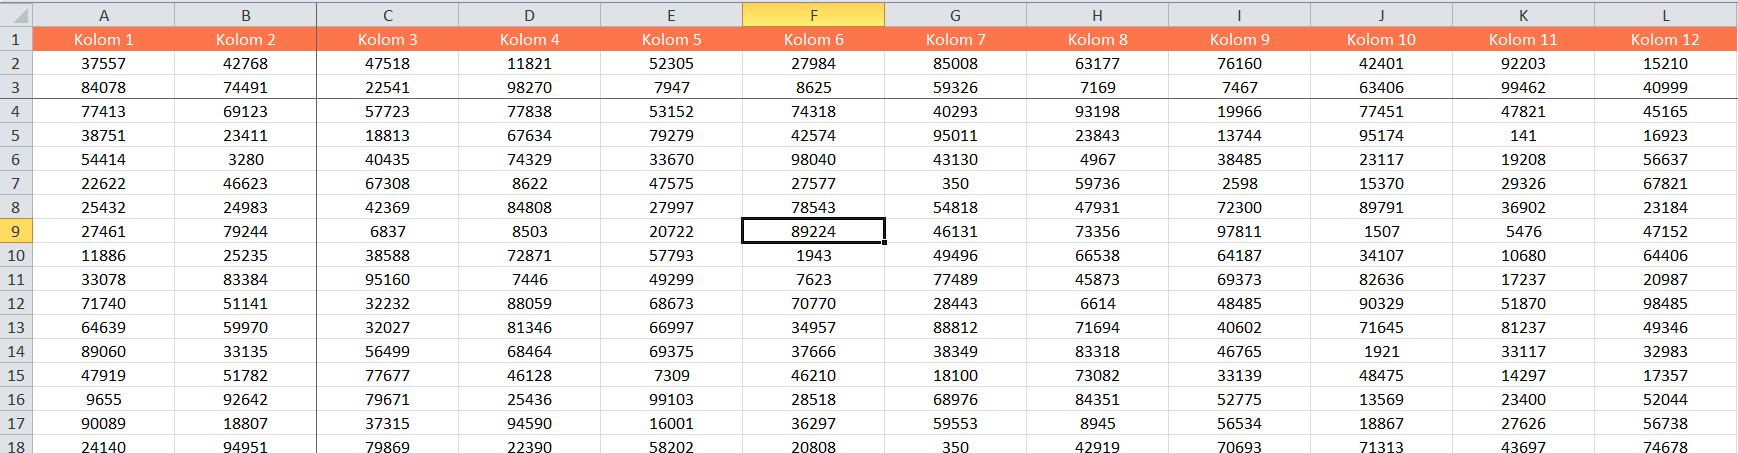 Rijen en kolommen vastzetten in Excel